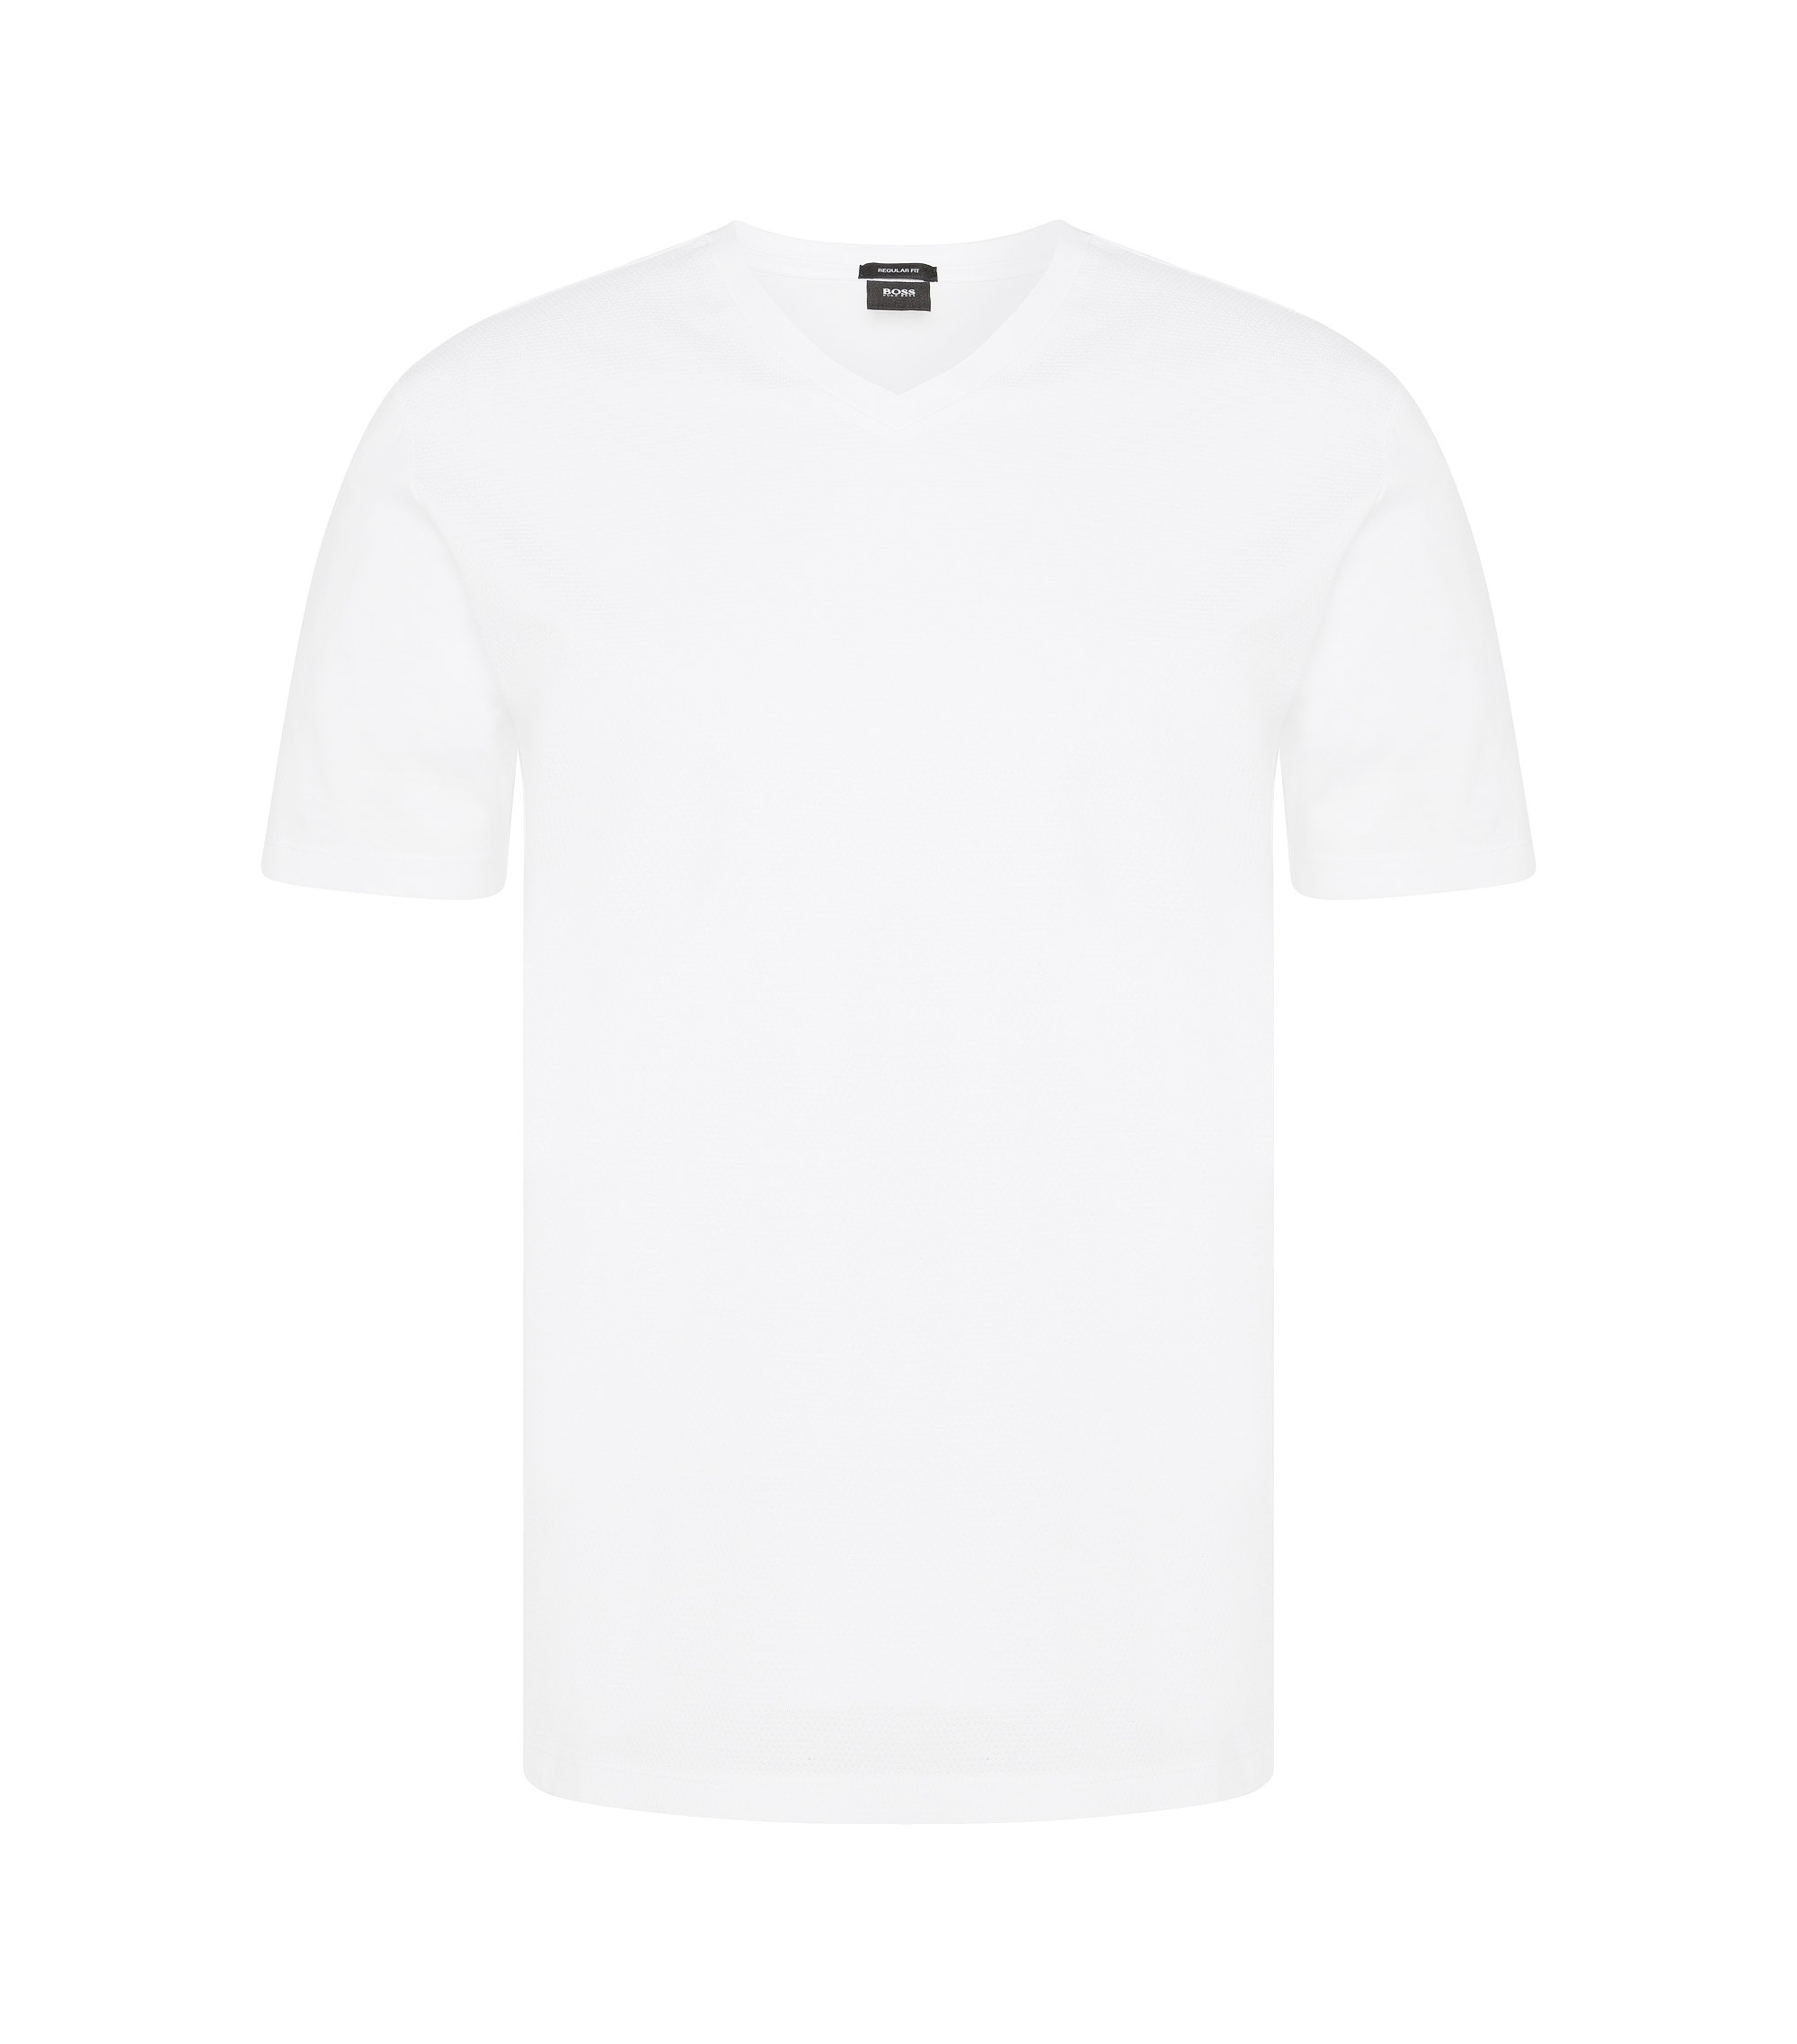 Regular-Fit T-Shirt aus Baumwolle mit perforierter Front: 'Teal 02', Weiß